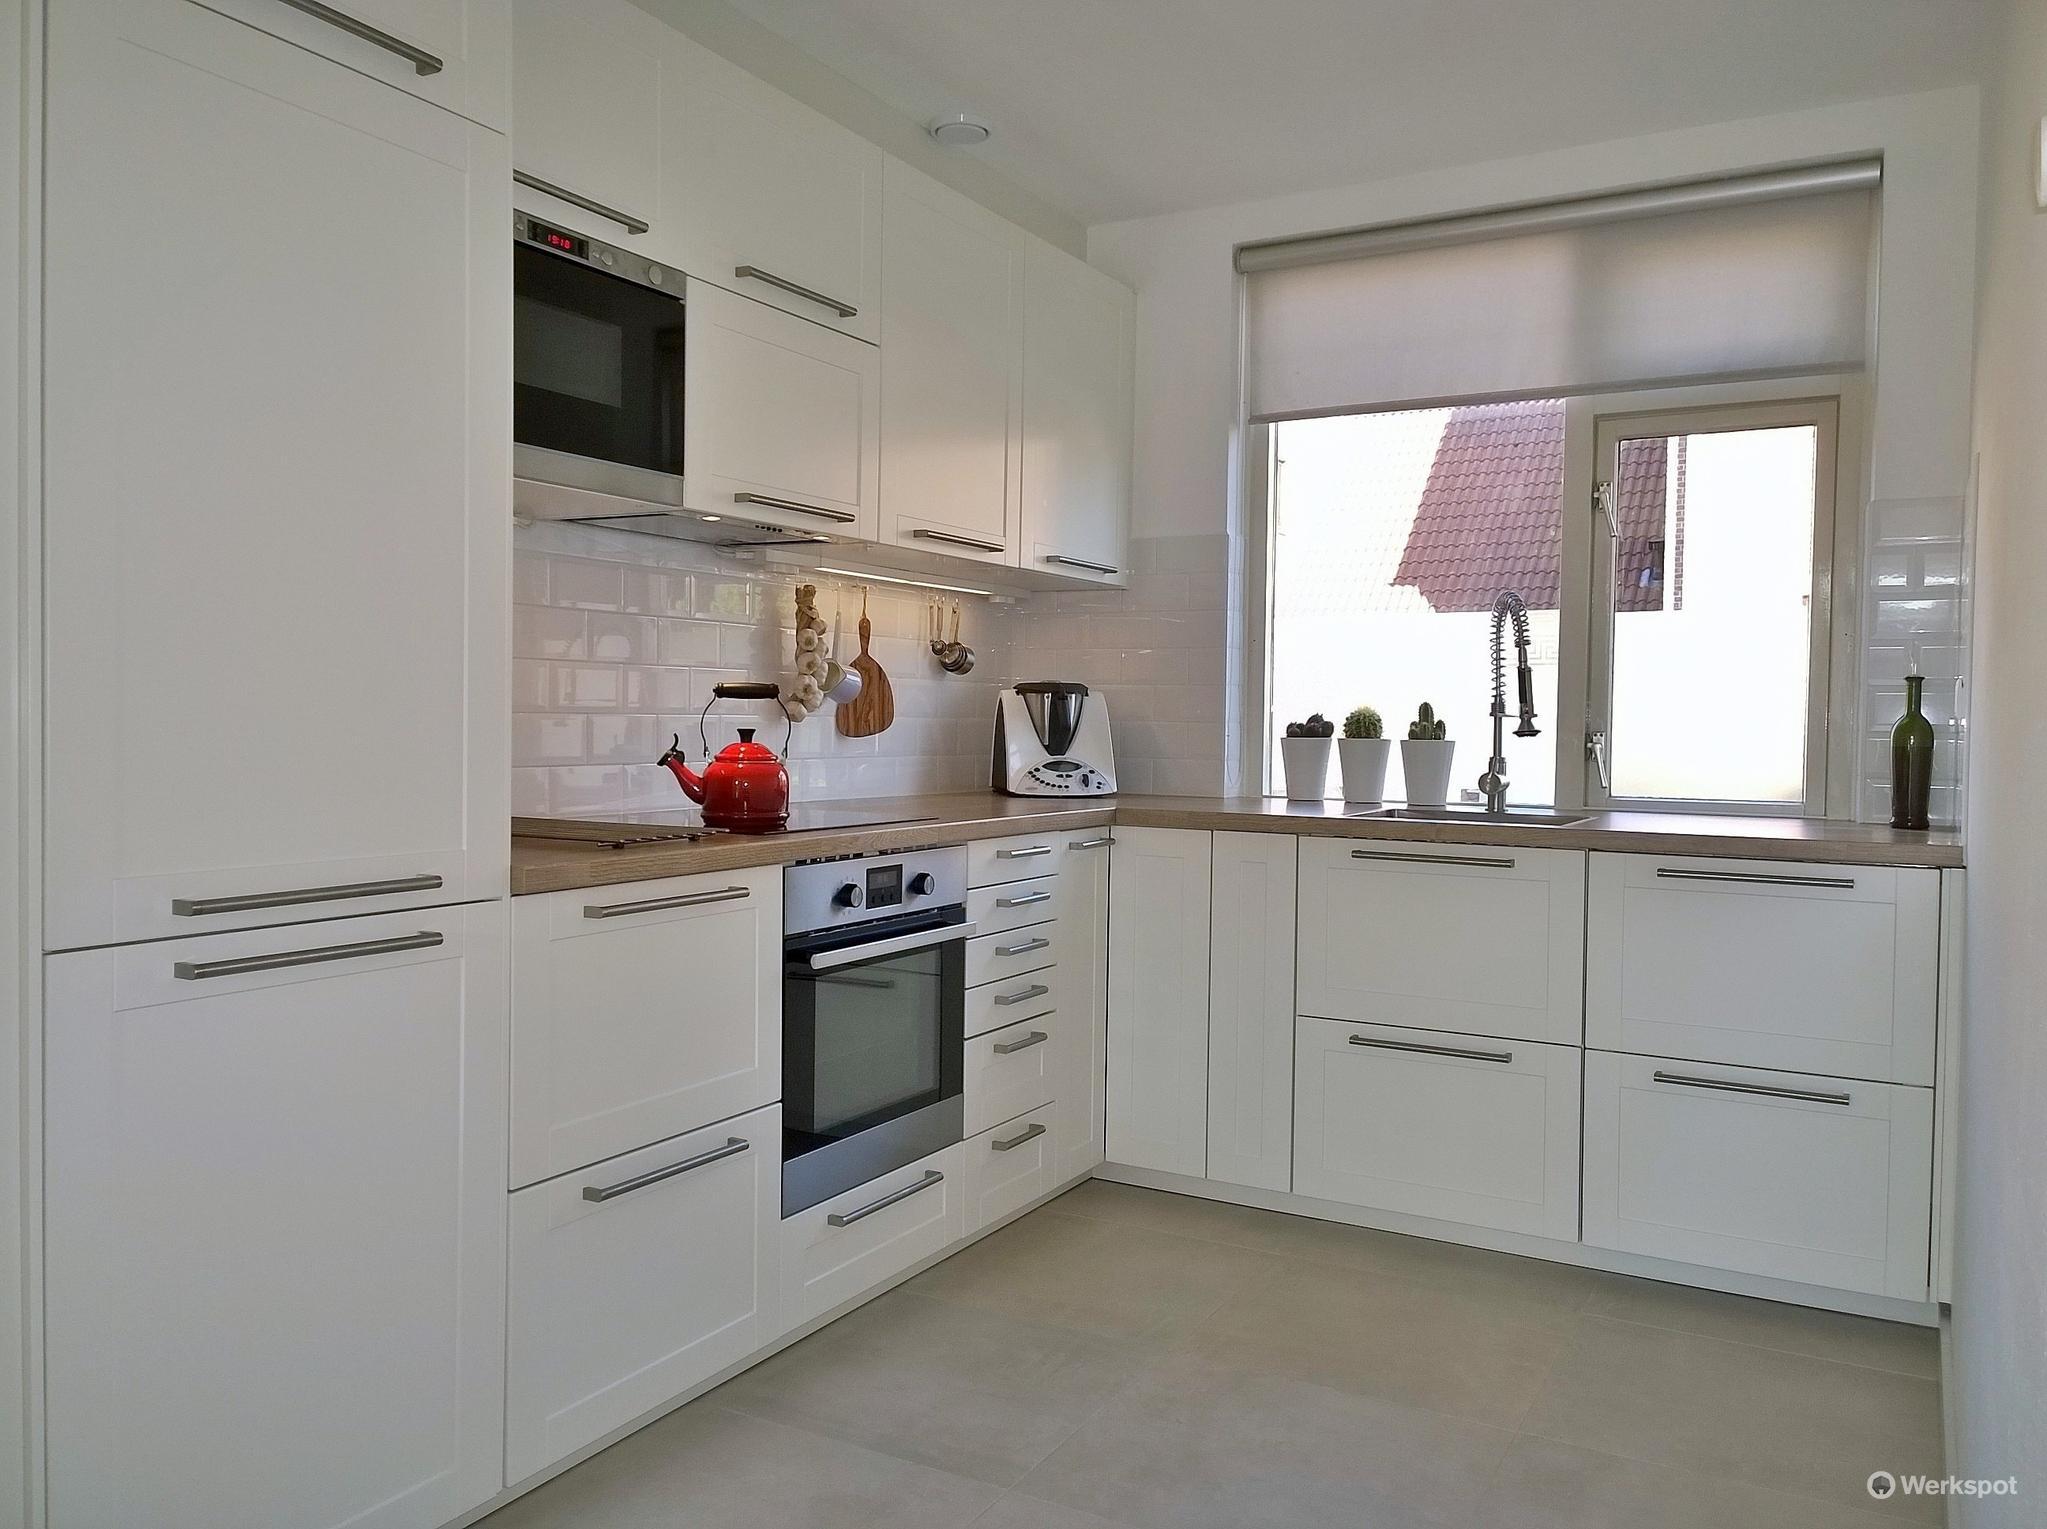 Ikea Method Keuken : Ikea metod keuken uniek small kitchen design by ikea new kuhinja